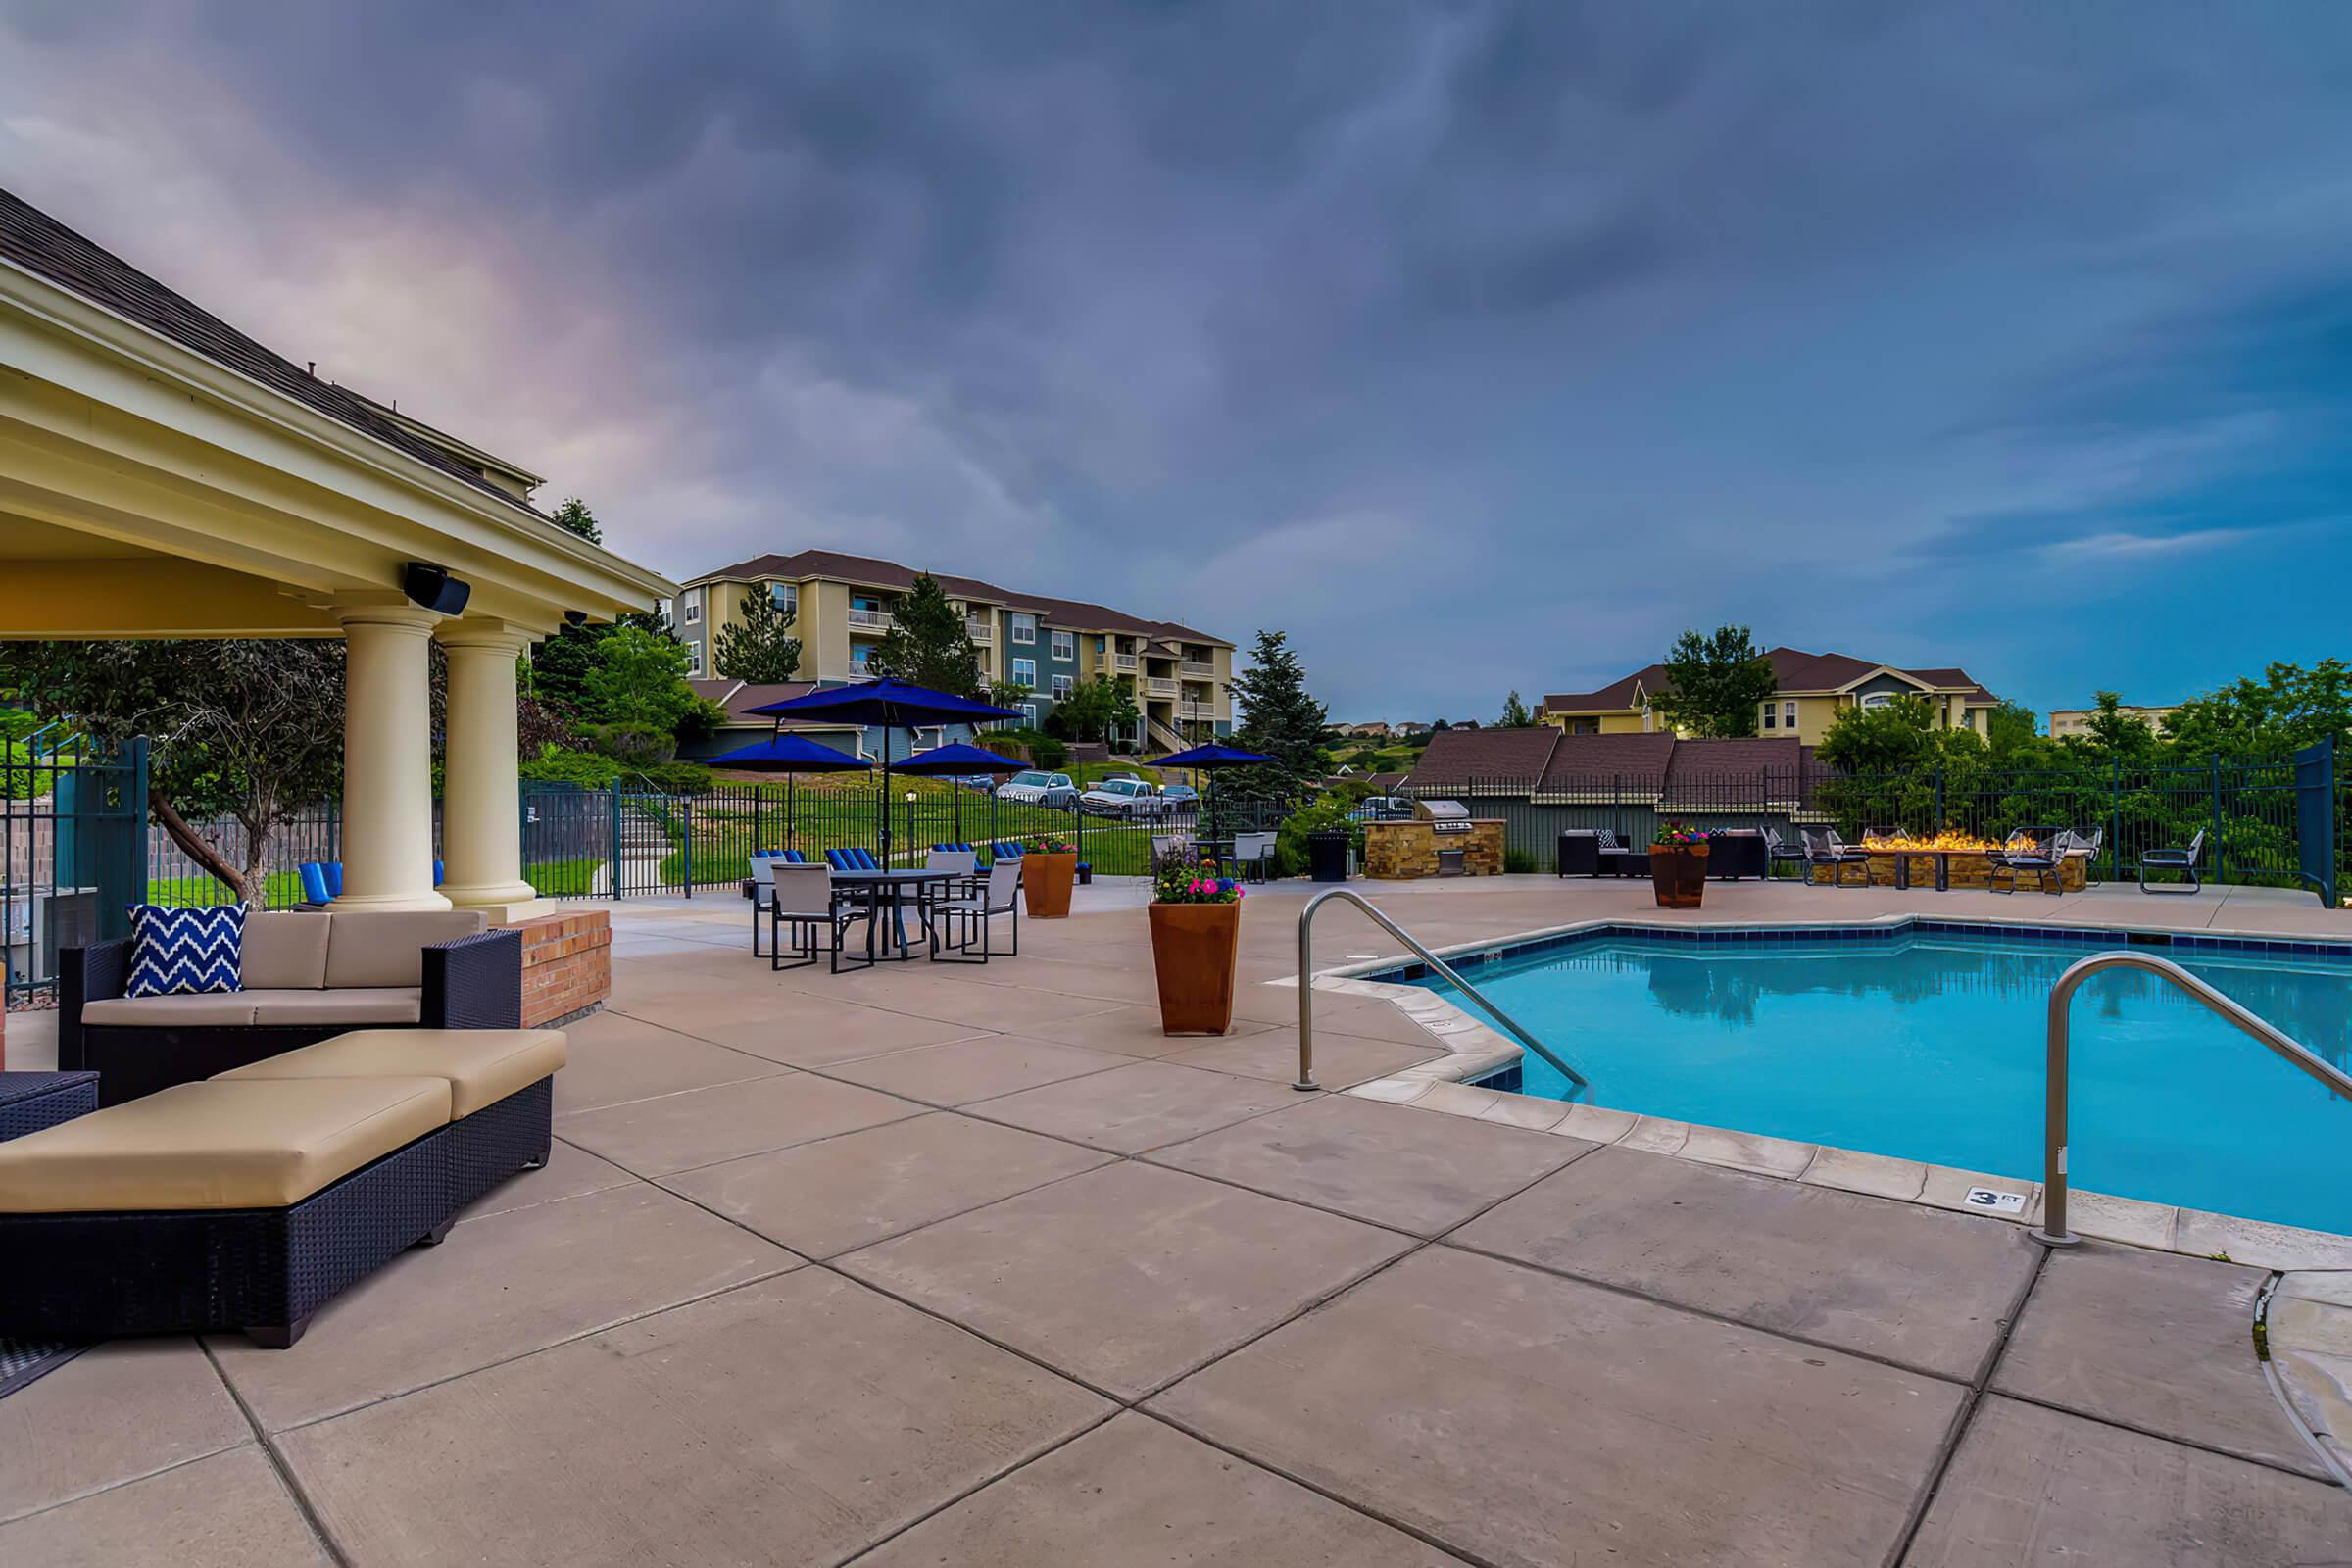 13631 Shepard Hts Colorado Springs CO - Web Quality - 031 - 36 Pool.jpg